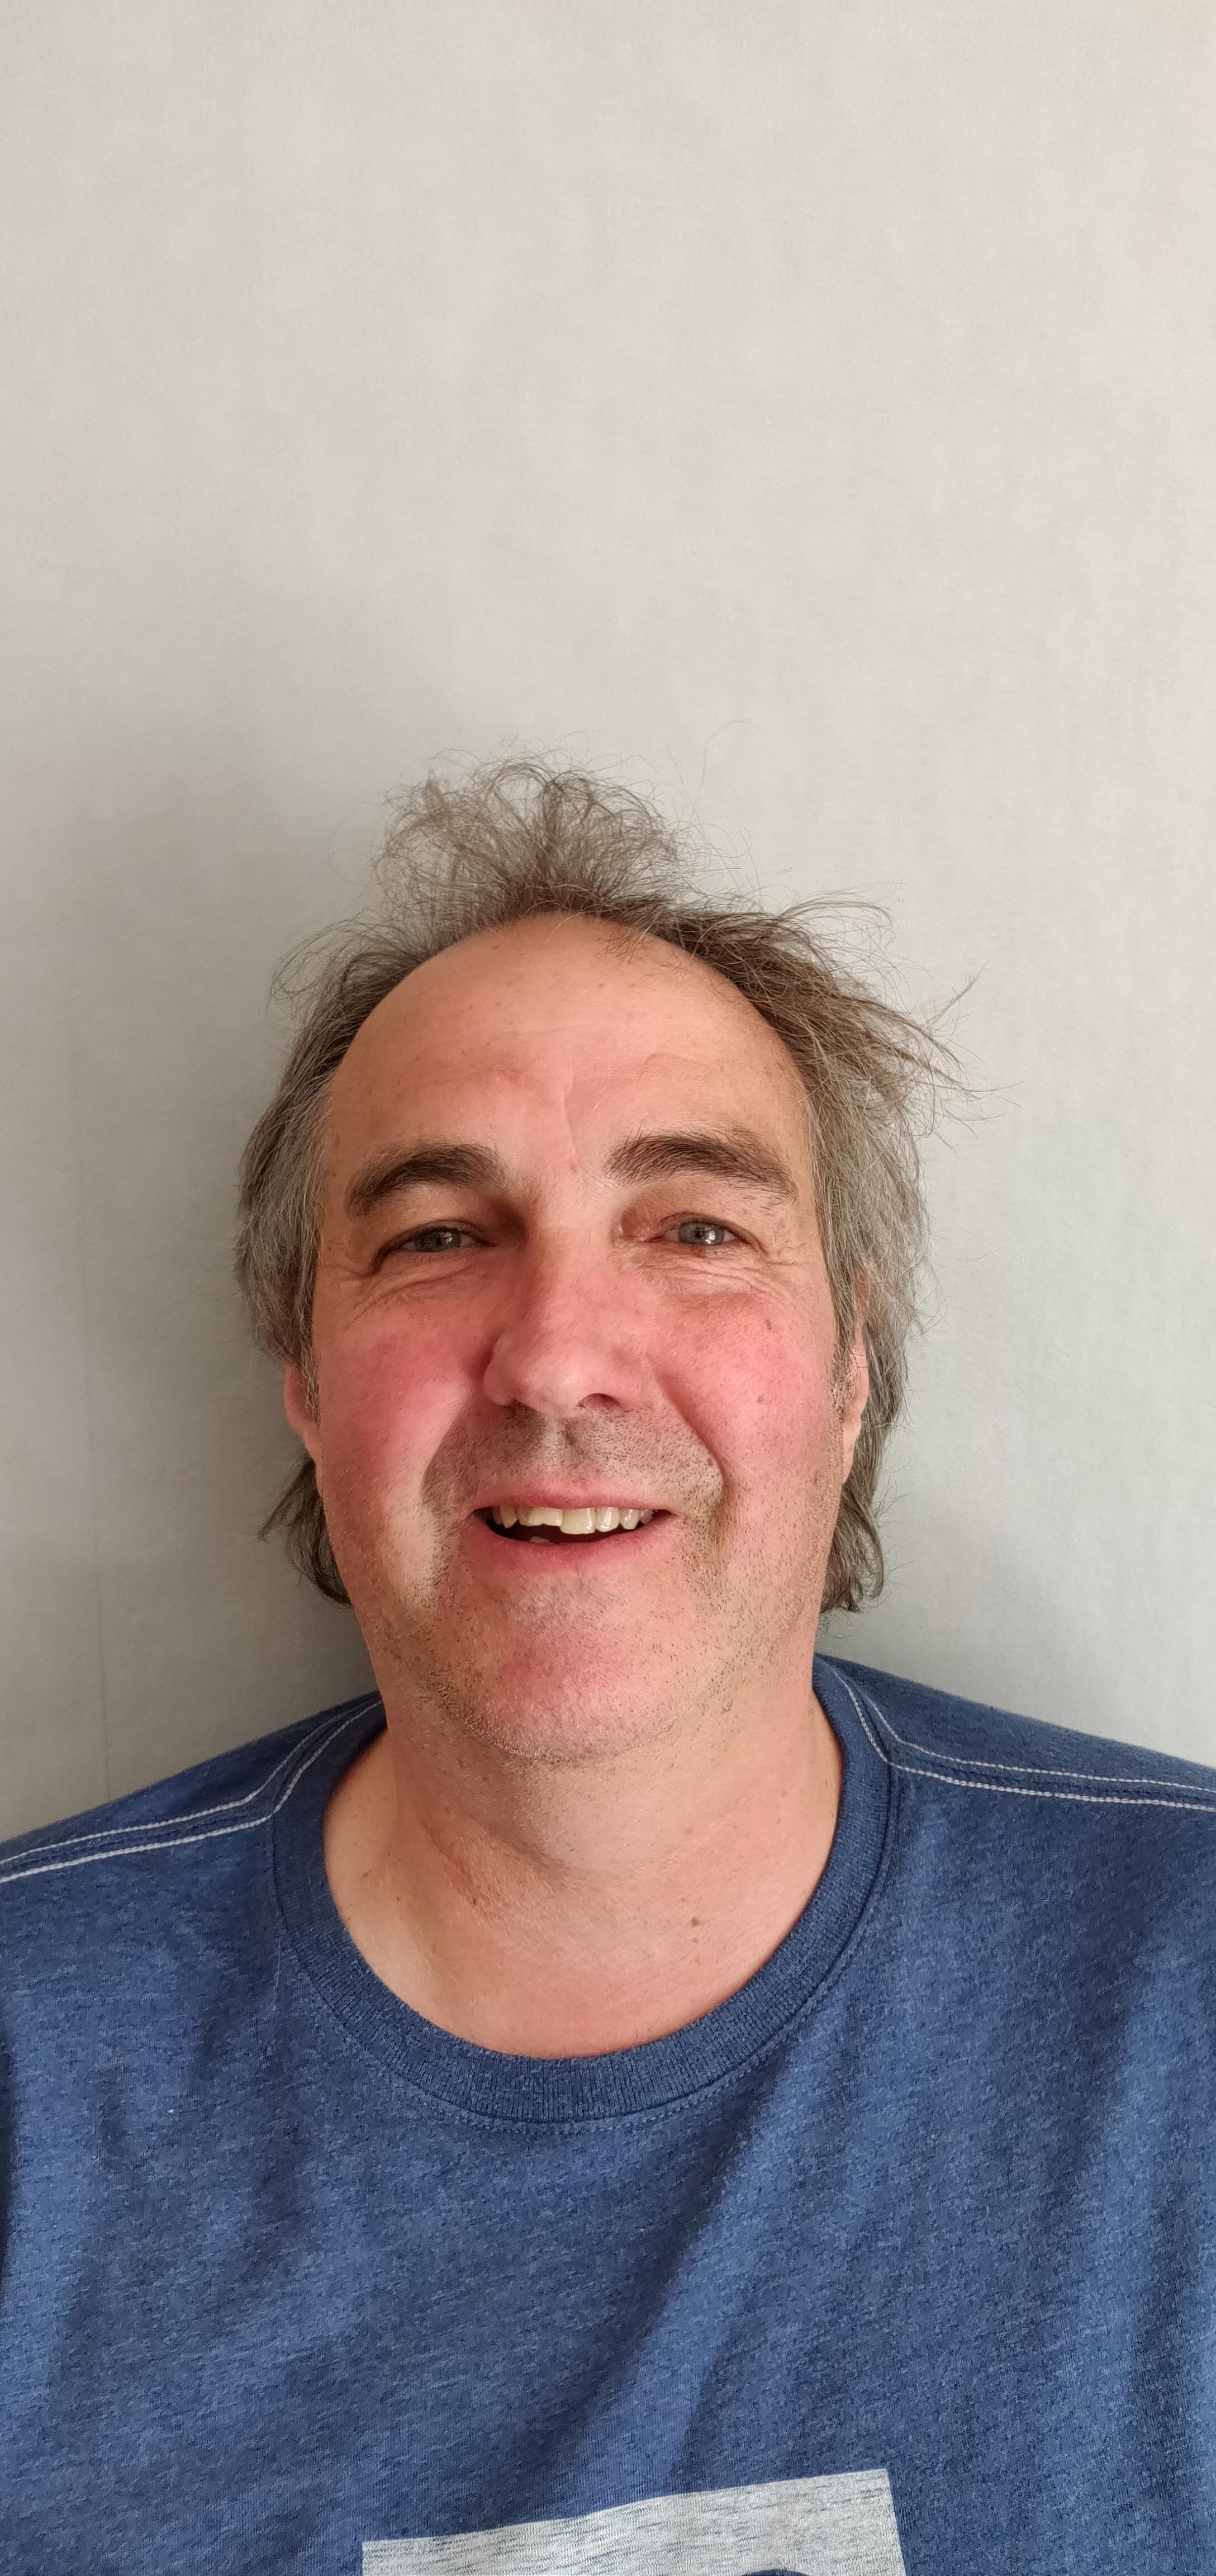 Greg Neville, teknikansvarig i hallarna på Stockholmsmässan.